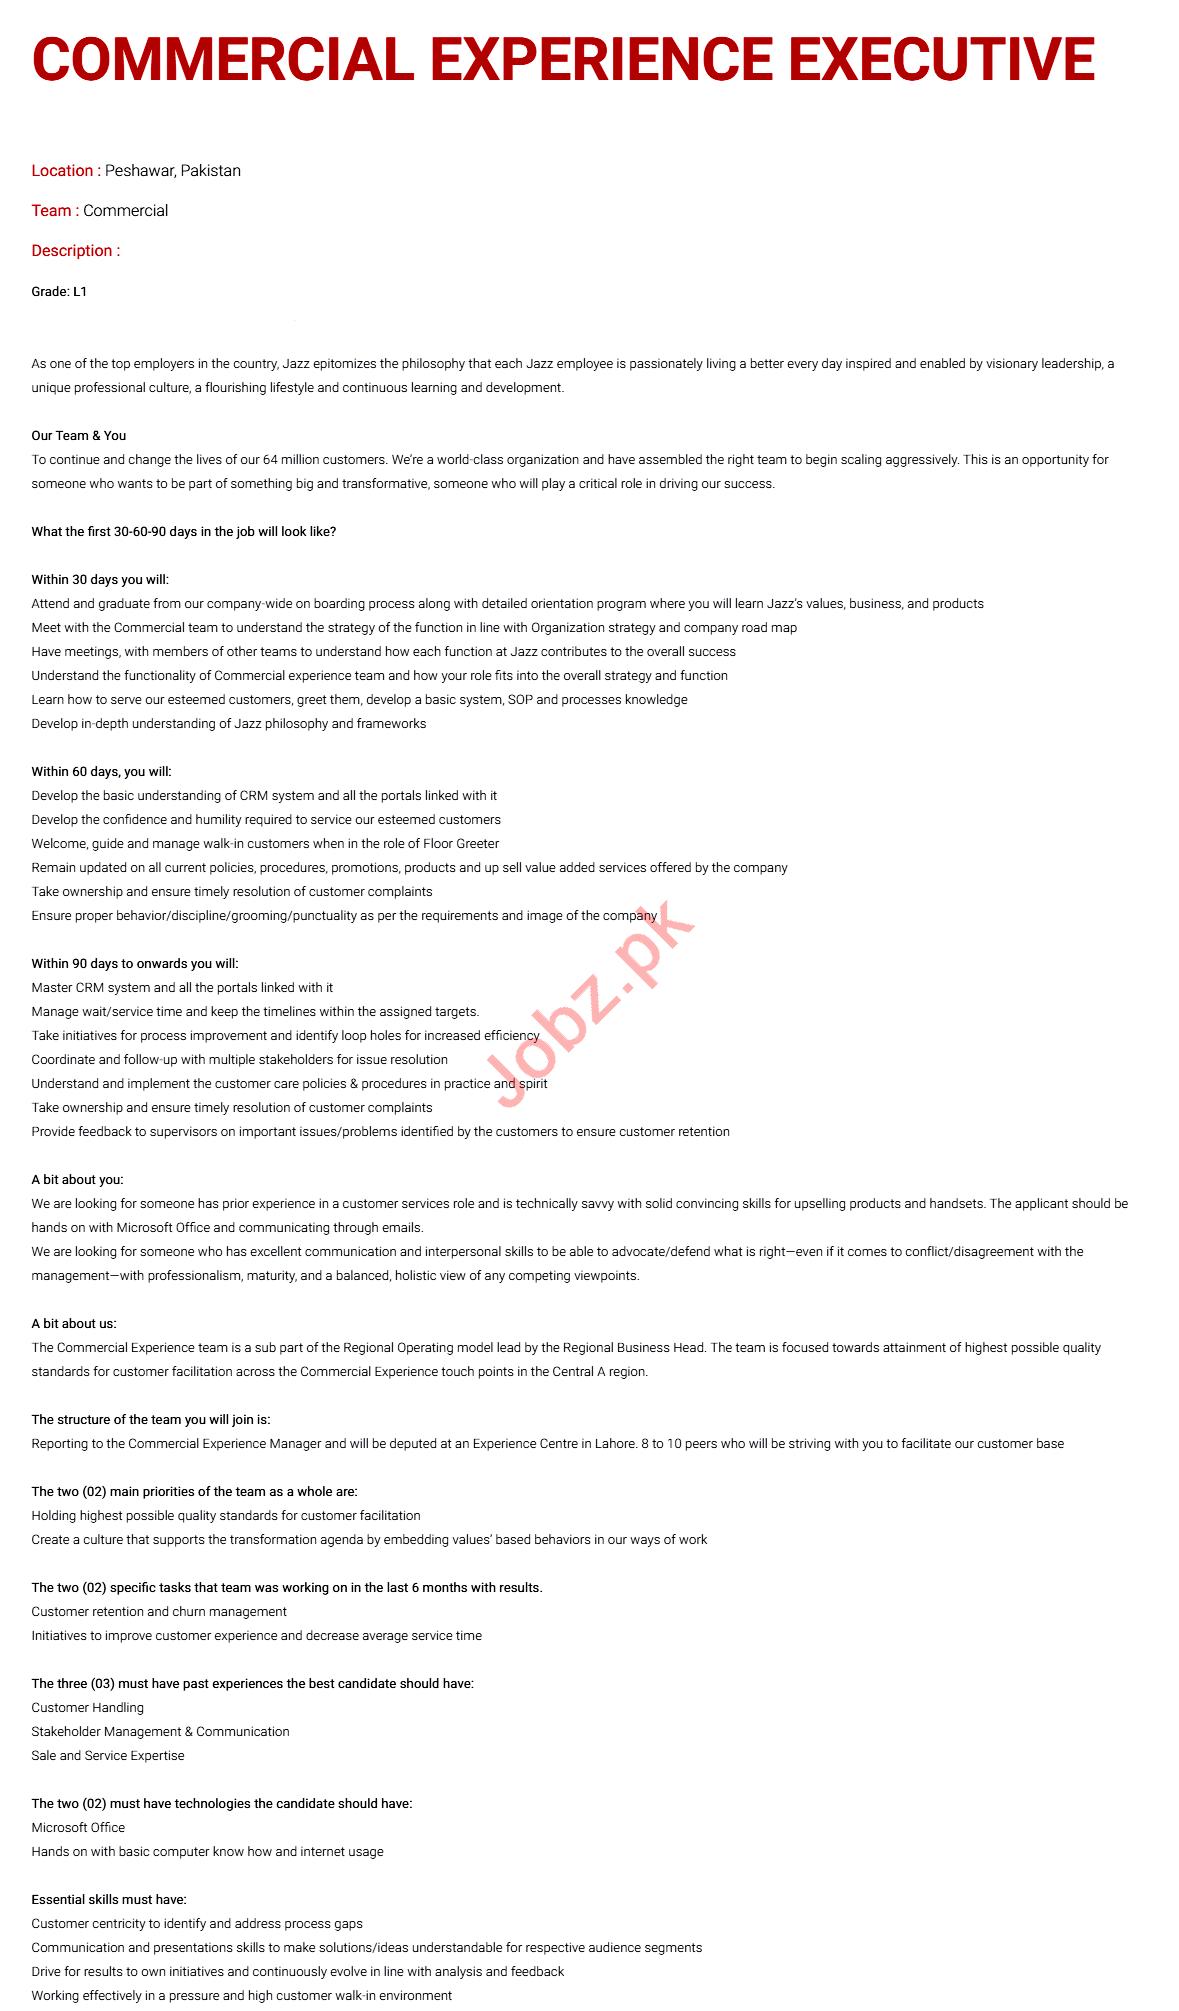 Executive & Commercial Experience Executive Jobs 2020